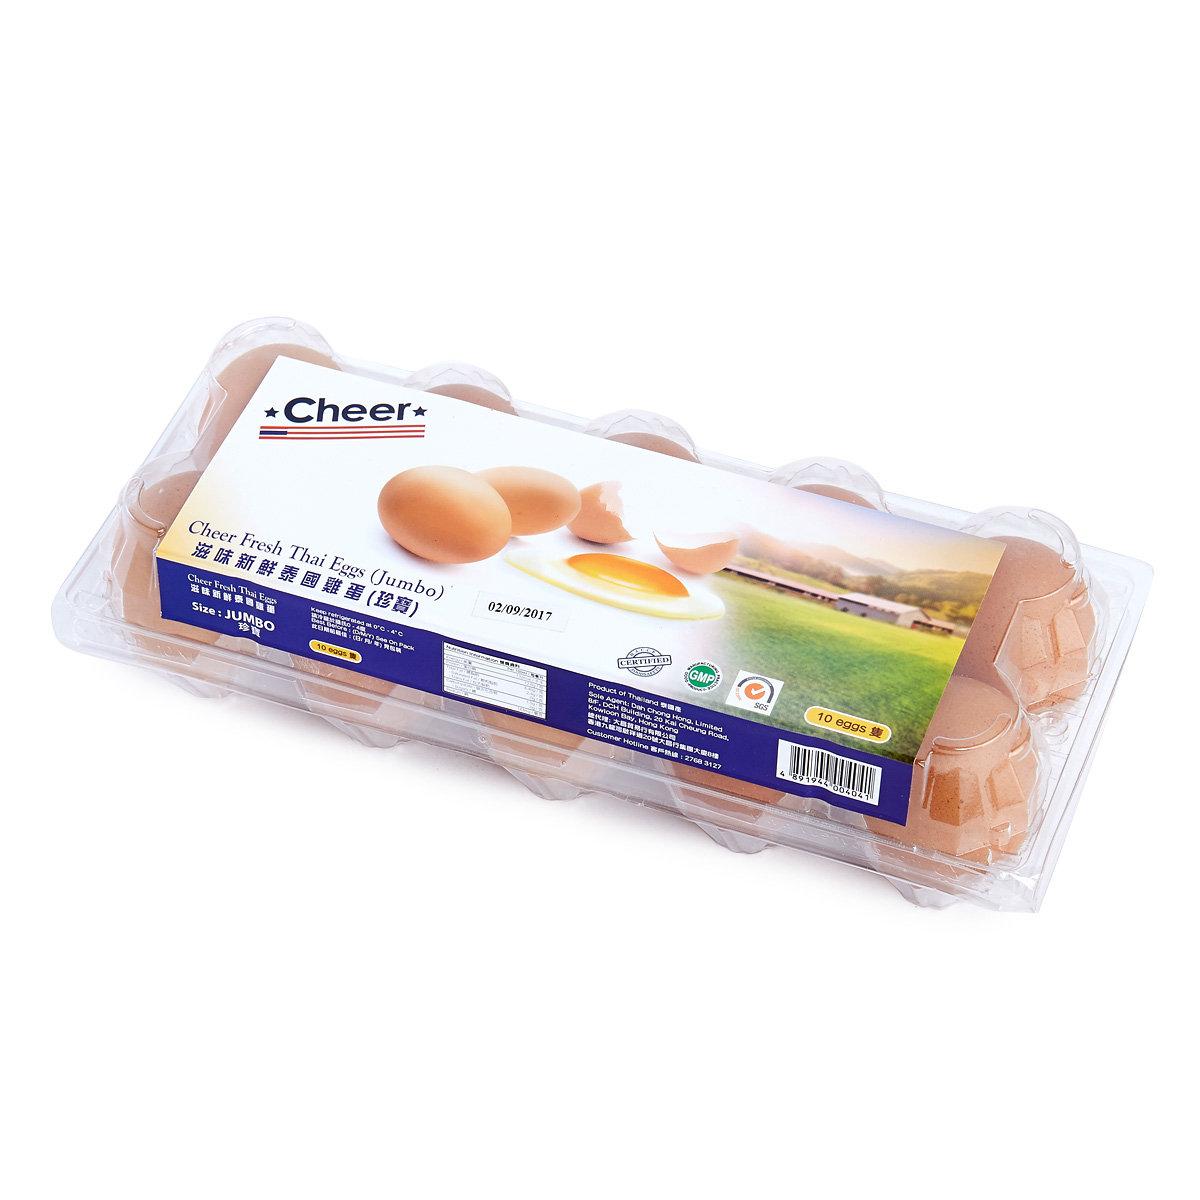 Cheer | Fresh Thai Eggs (Jumbo) (Chilled) | HKTVmall Online